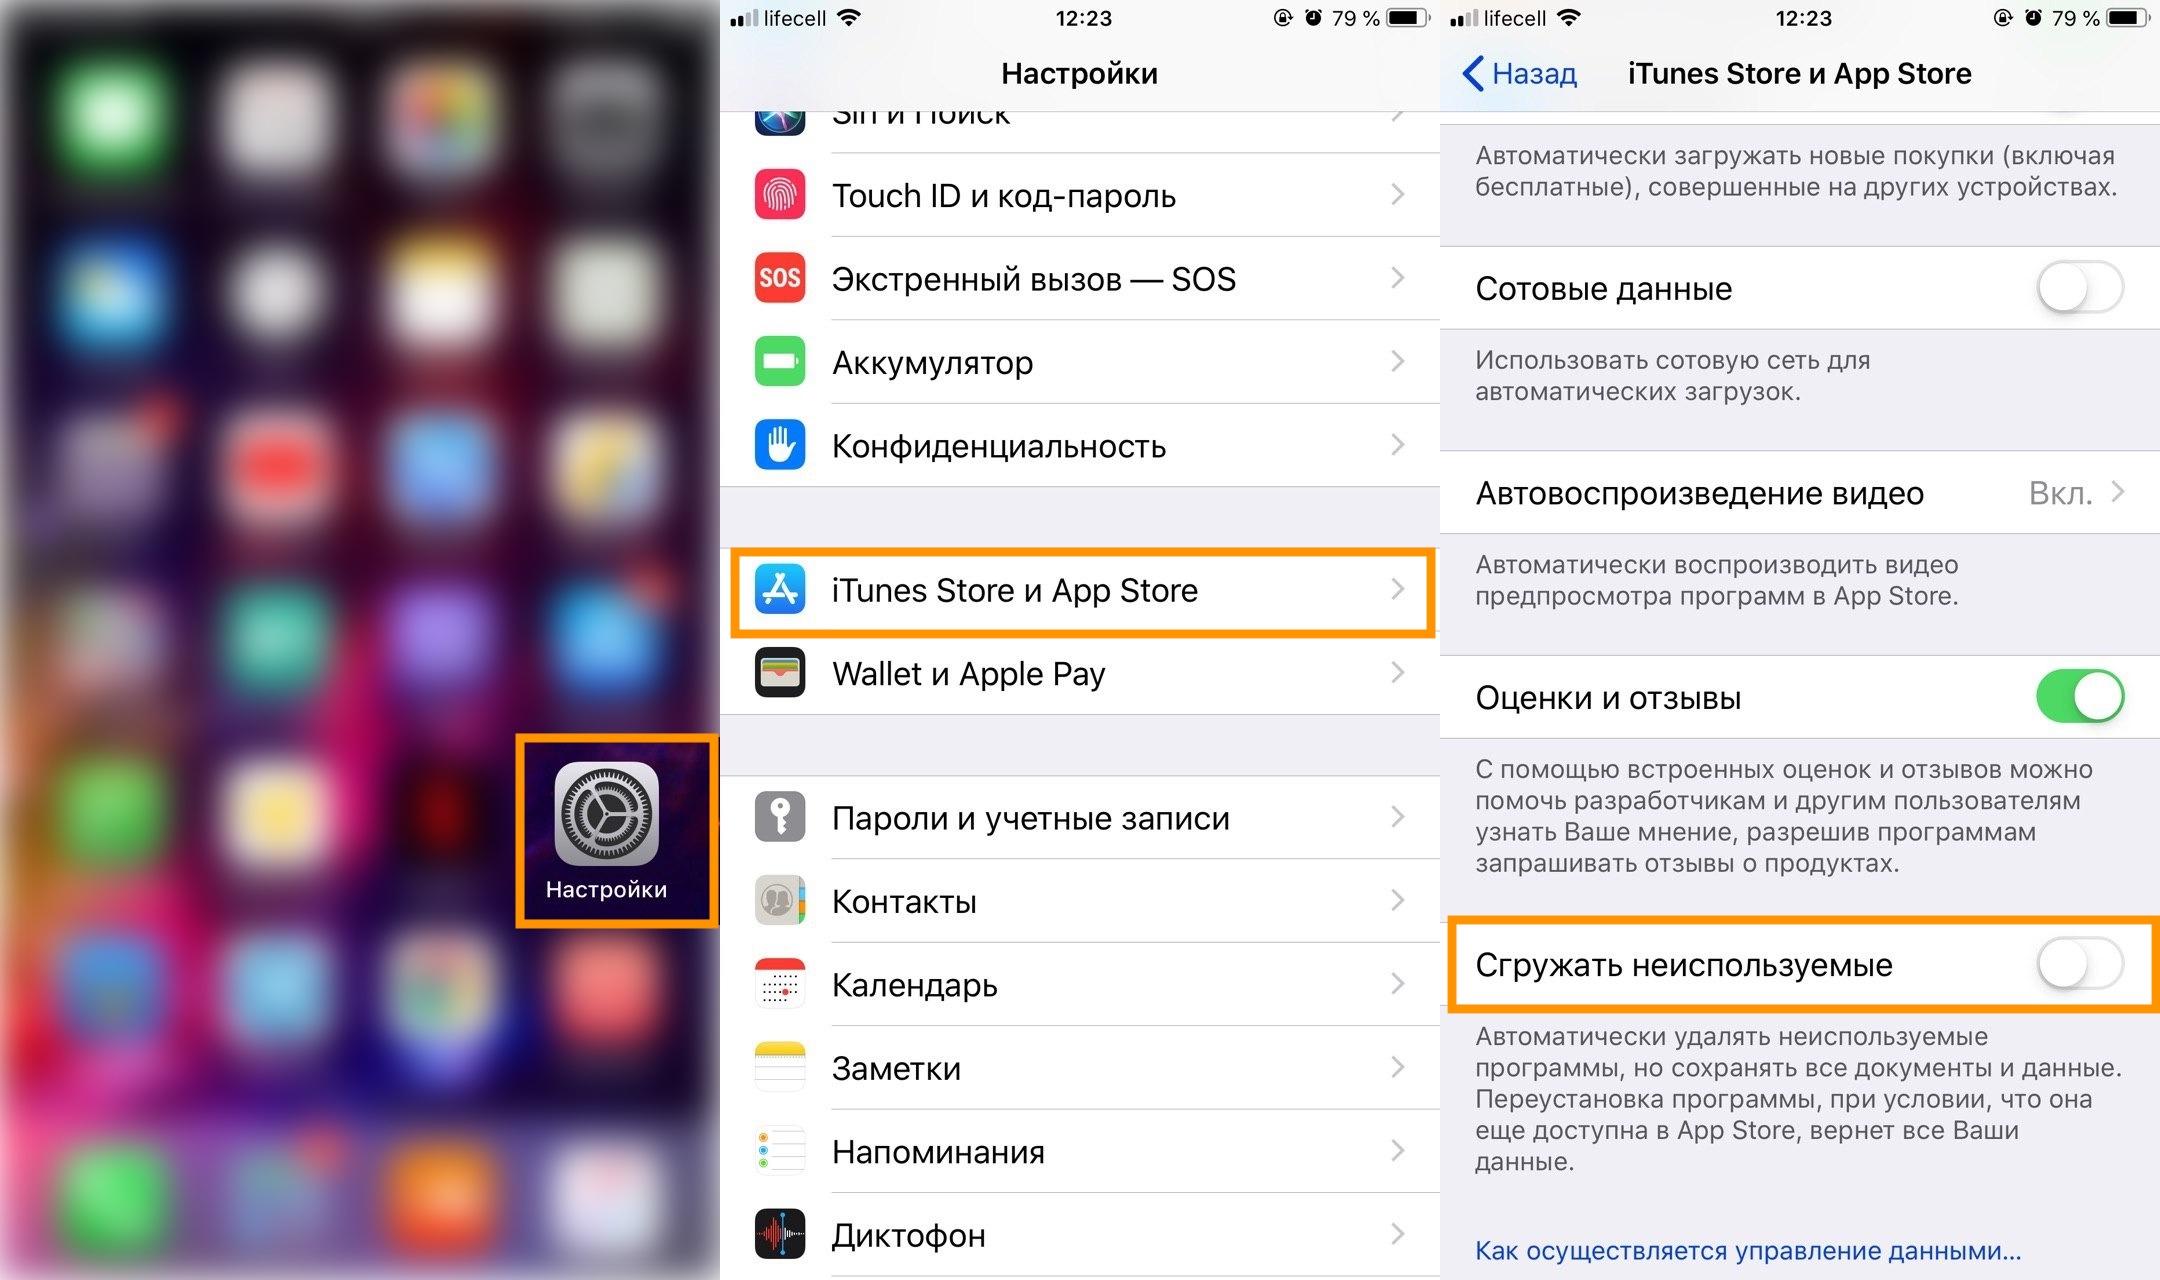 Настройки-ITunes-Store-и-App-Store-Сгружать-неиспользуемые (1)